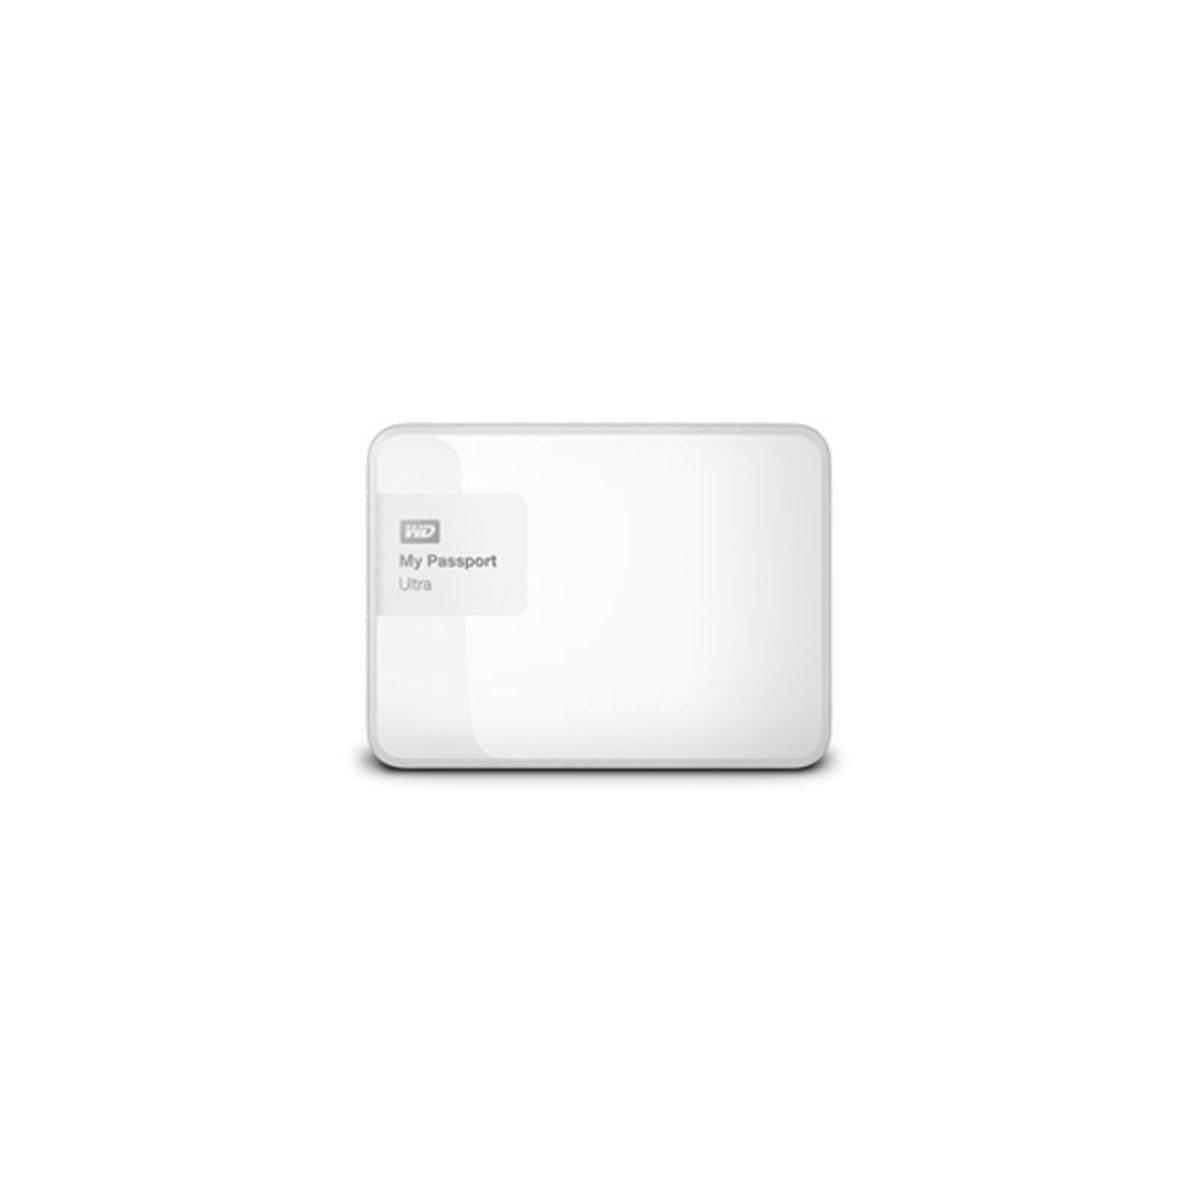 [白色] MyPassport Ultra 3TB USB3.0 2.5 吋 外置硬碟 WDBBKD0030BWT